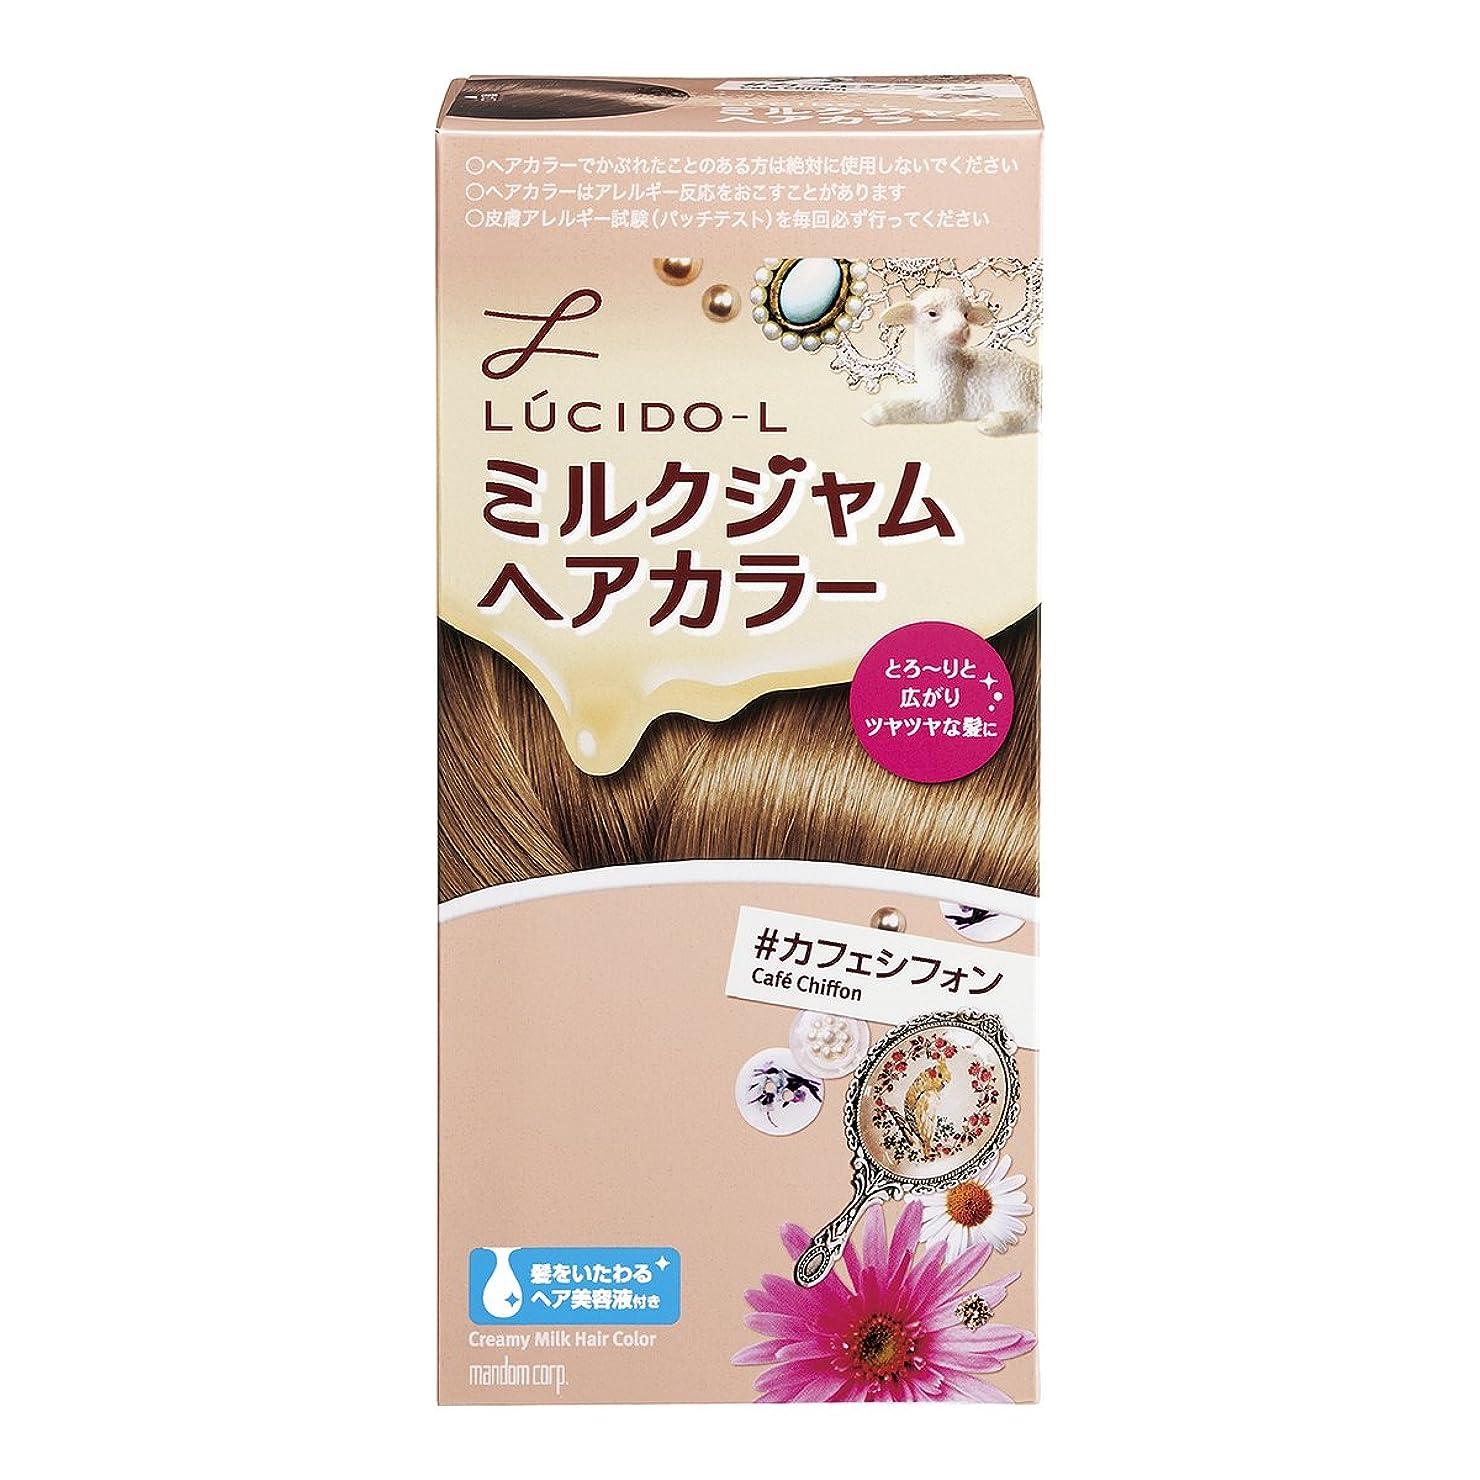 ビバピンポイントジャケットLUCIDO-L (ルシードエル) ミルクジャムヘアカラー #カフェシフォン(医薬部外品) (1剤40g 2剤80mL TR5g)